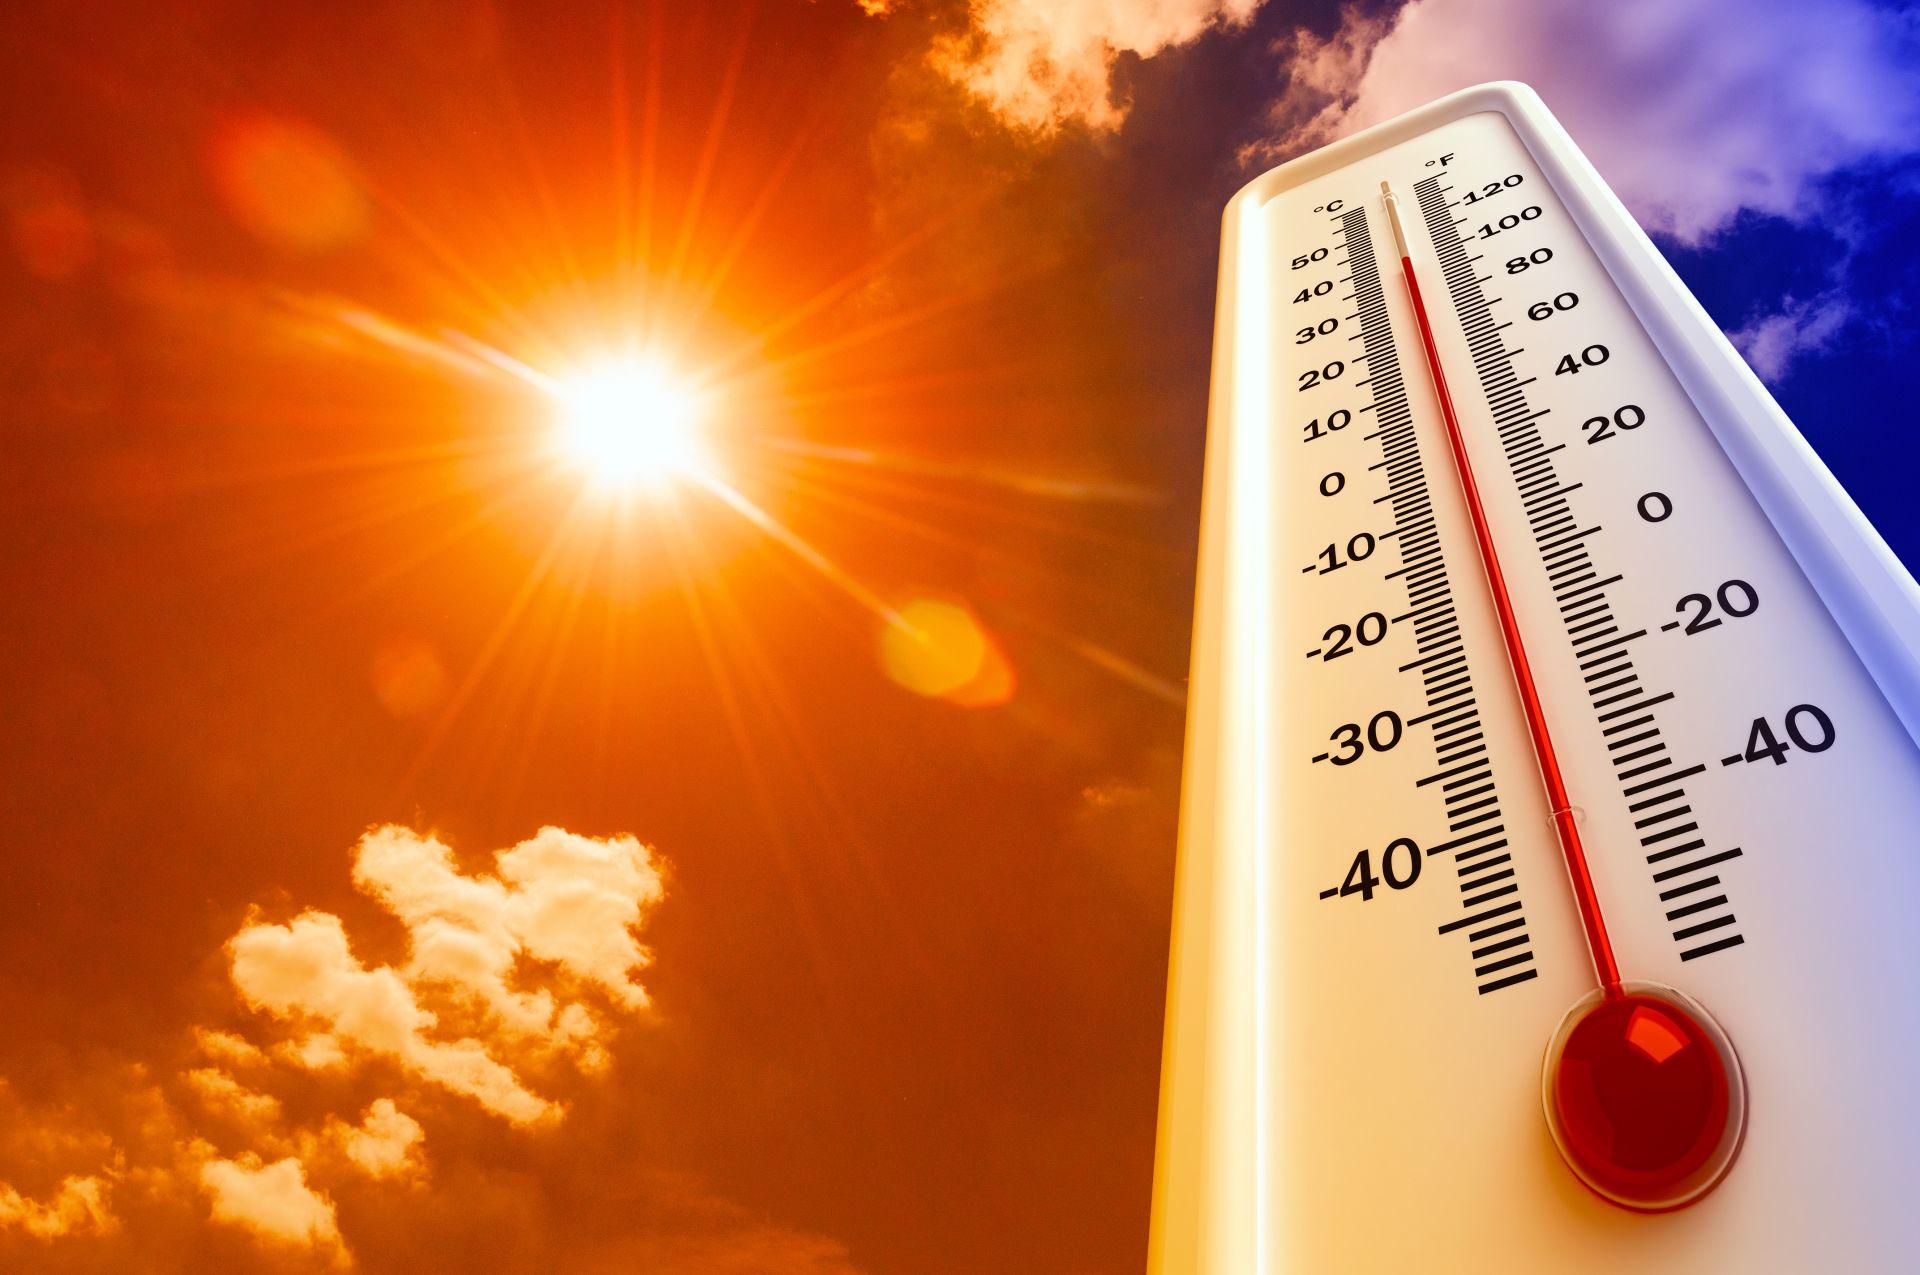 El calor puede provocar afecciones de leves que van desde confusión hasta irritabibilidad